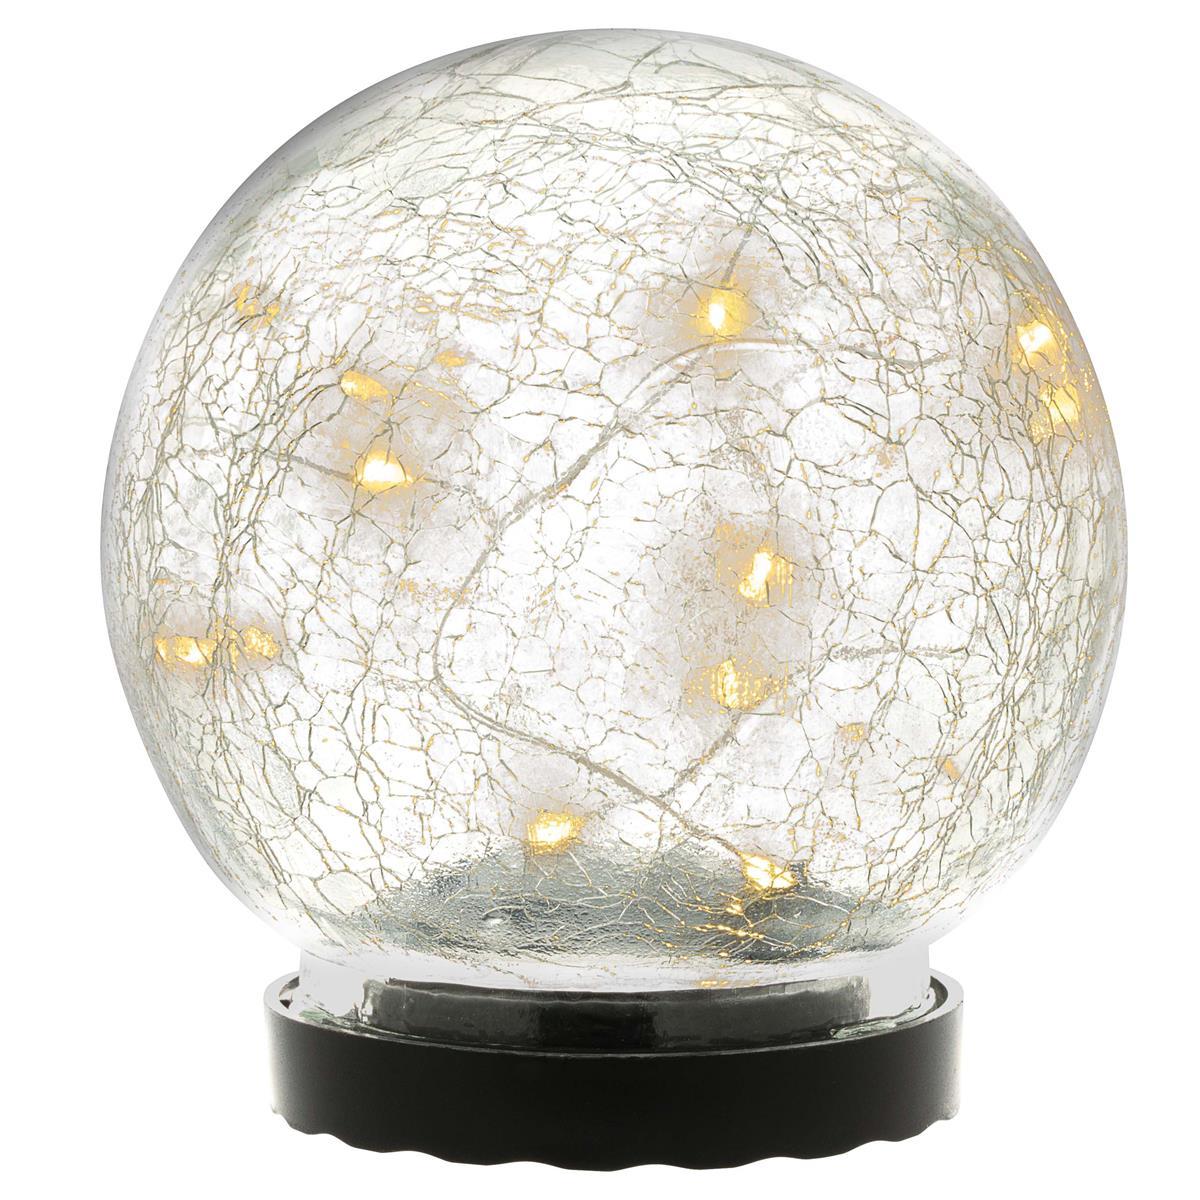 Solarleuchte mit Glaskugel 10 LED warm weiß Solarlampe 11 cm